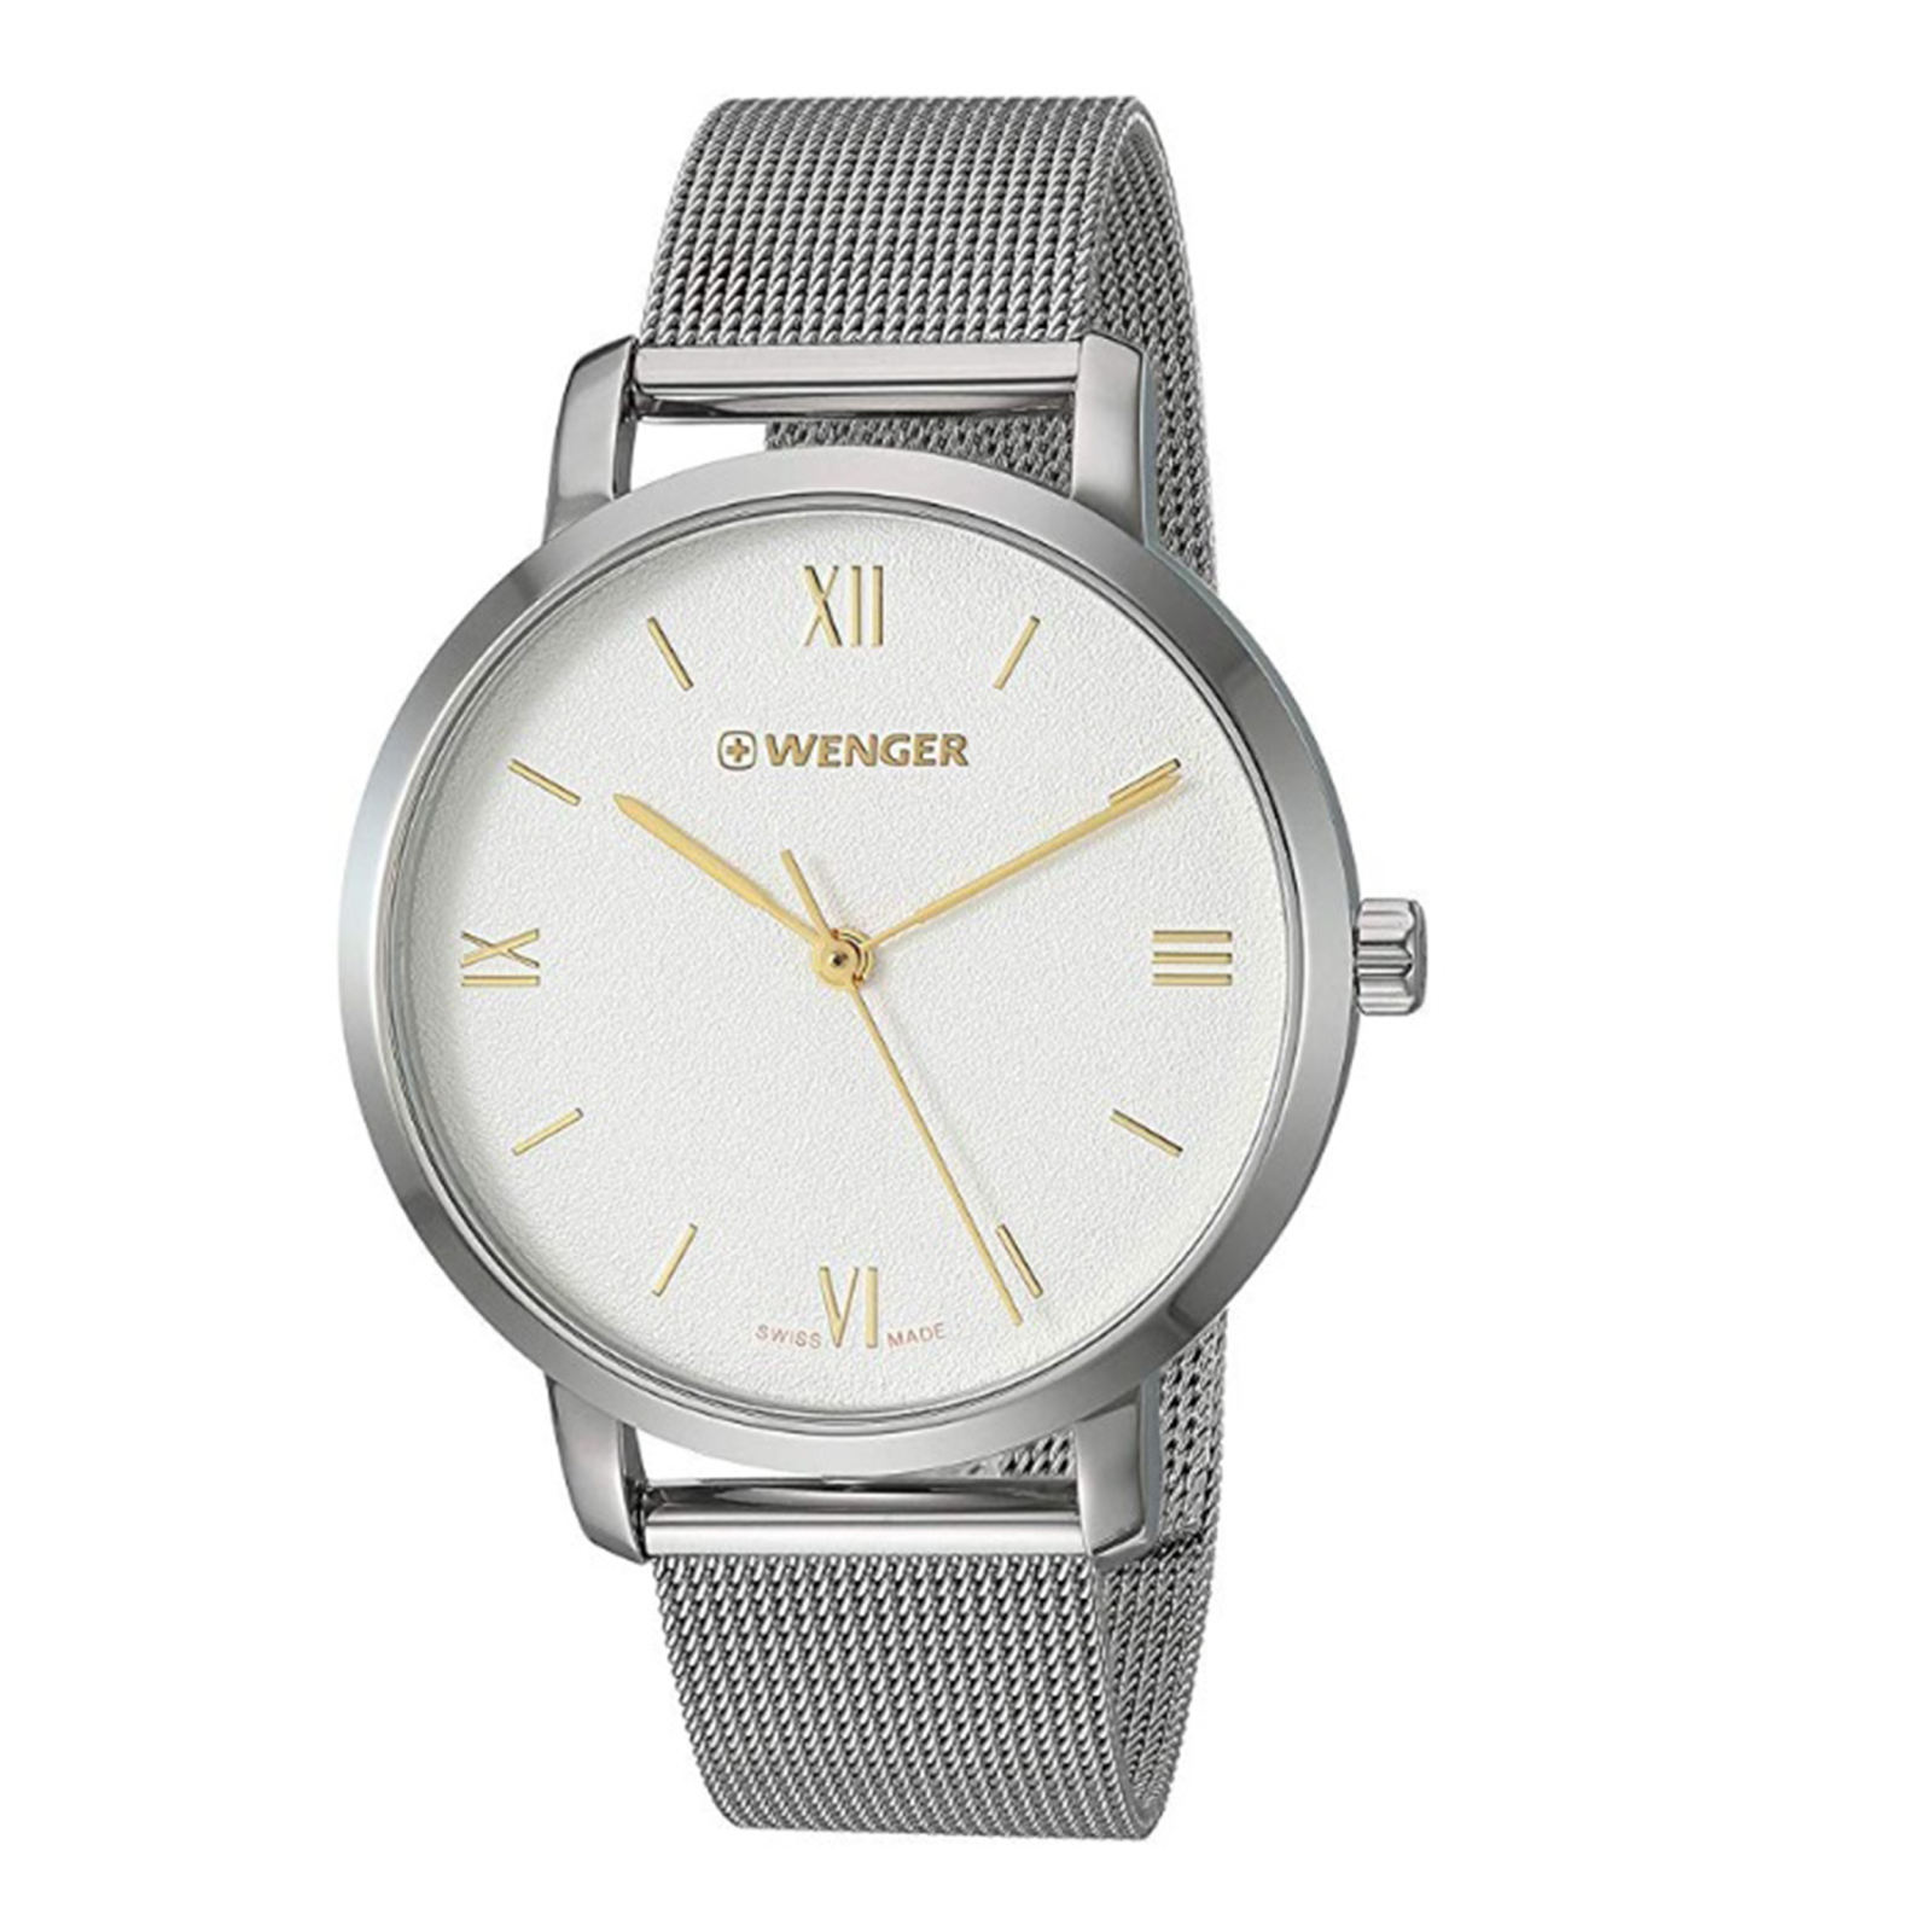 ساعت مچی عقربه ای مردانه ونگر مدل 01.1731.104 -  - 3